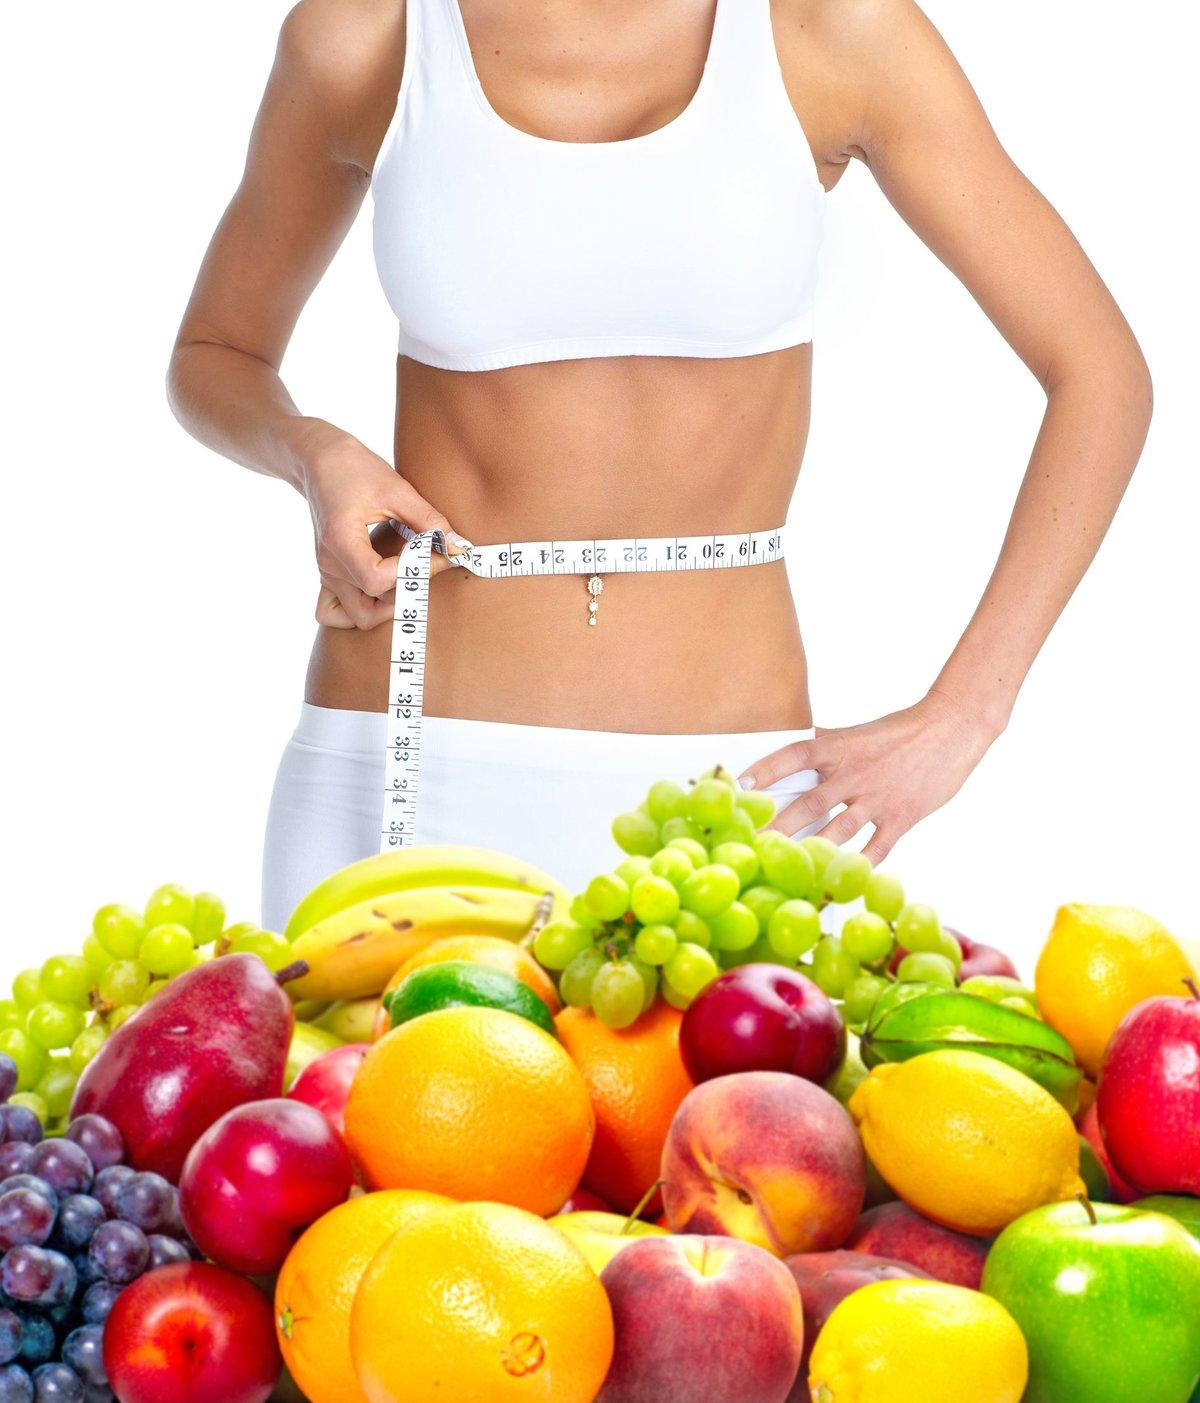 Есть диеты, на которых килограммы не просто «уходят», а даже «убегают».